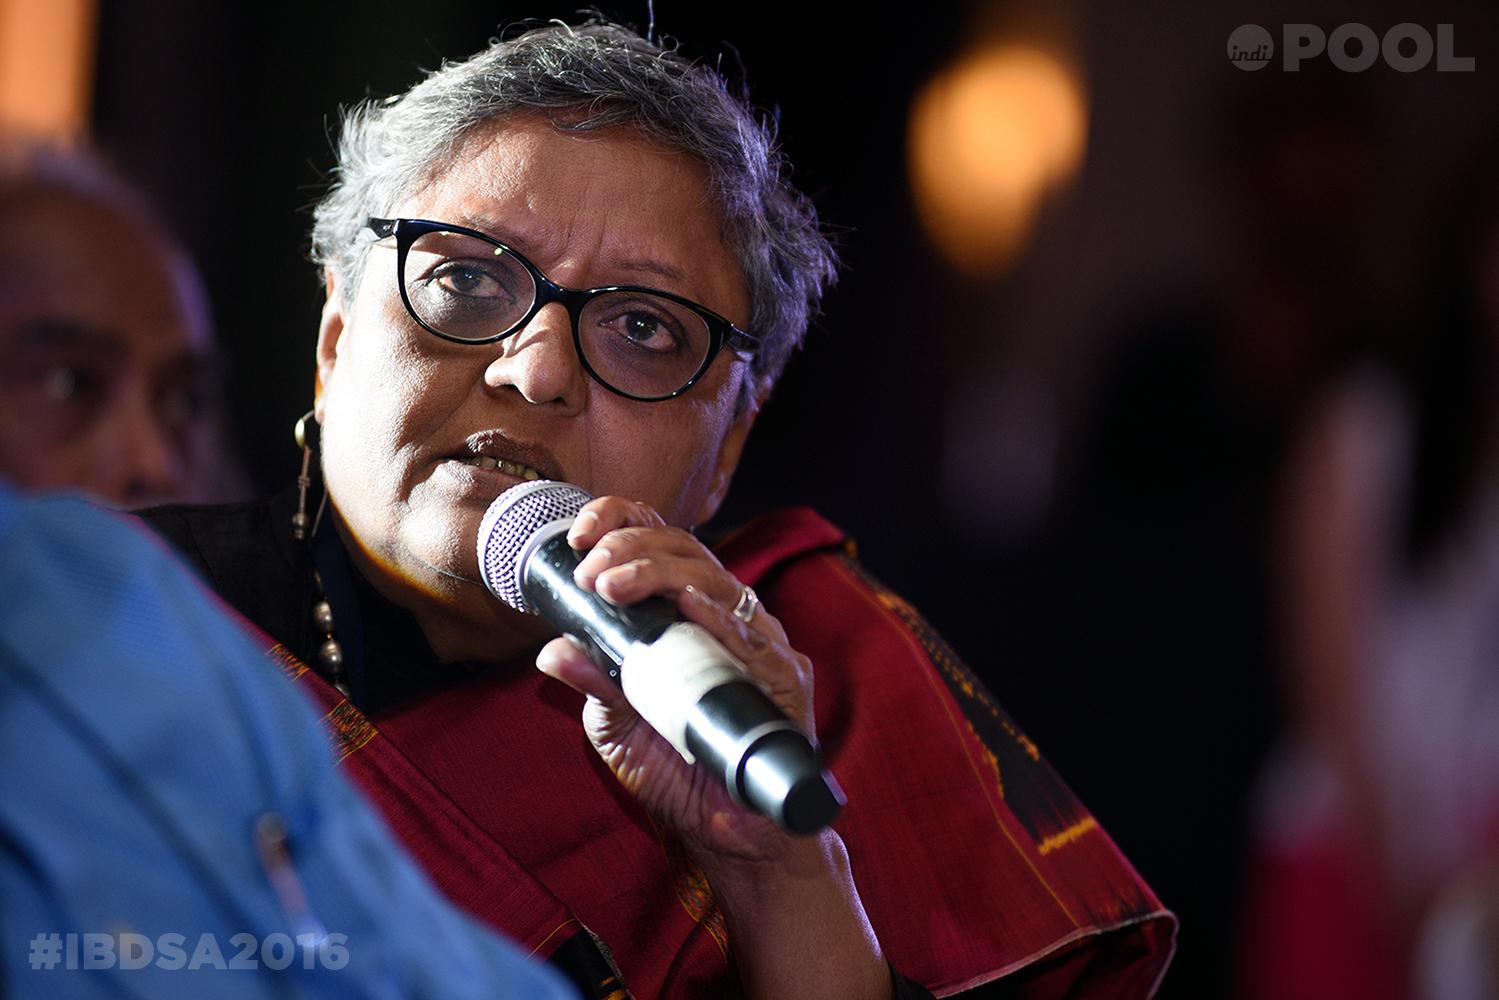 Krishna Amin Patel